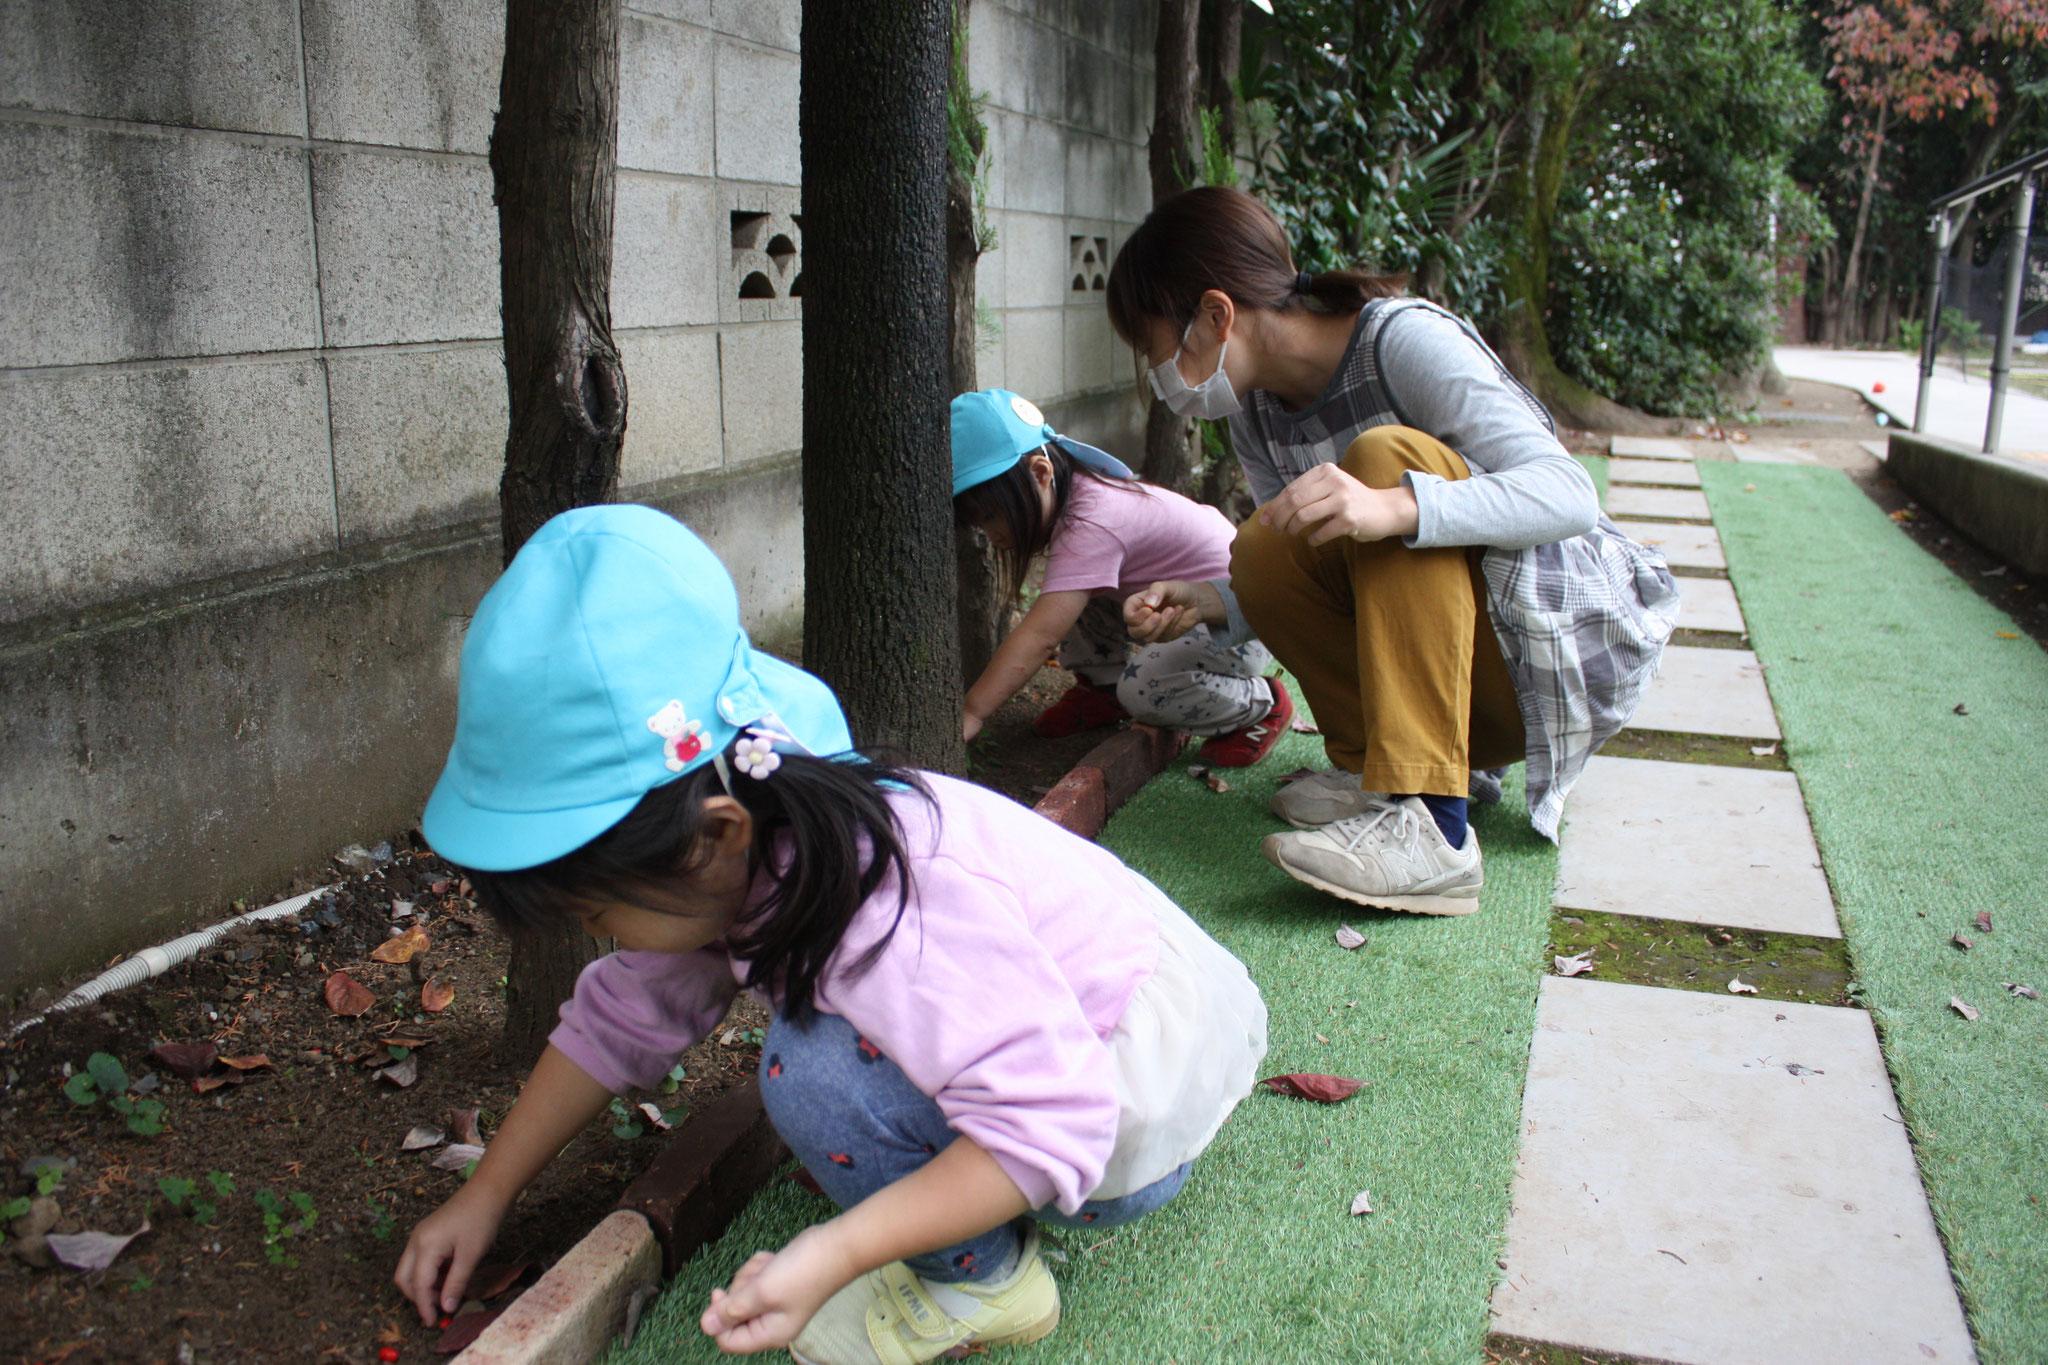 園庭の実や葉っぱをじっくり集めています